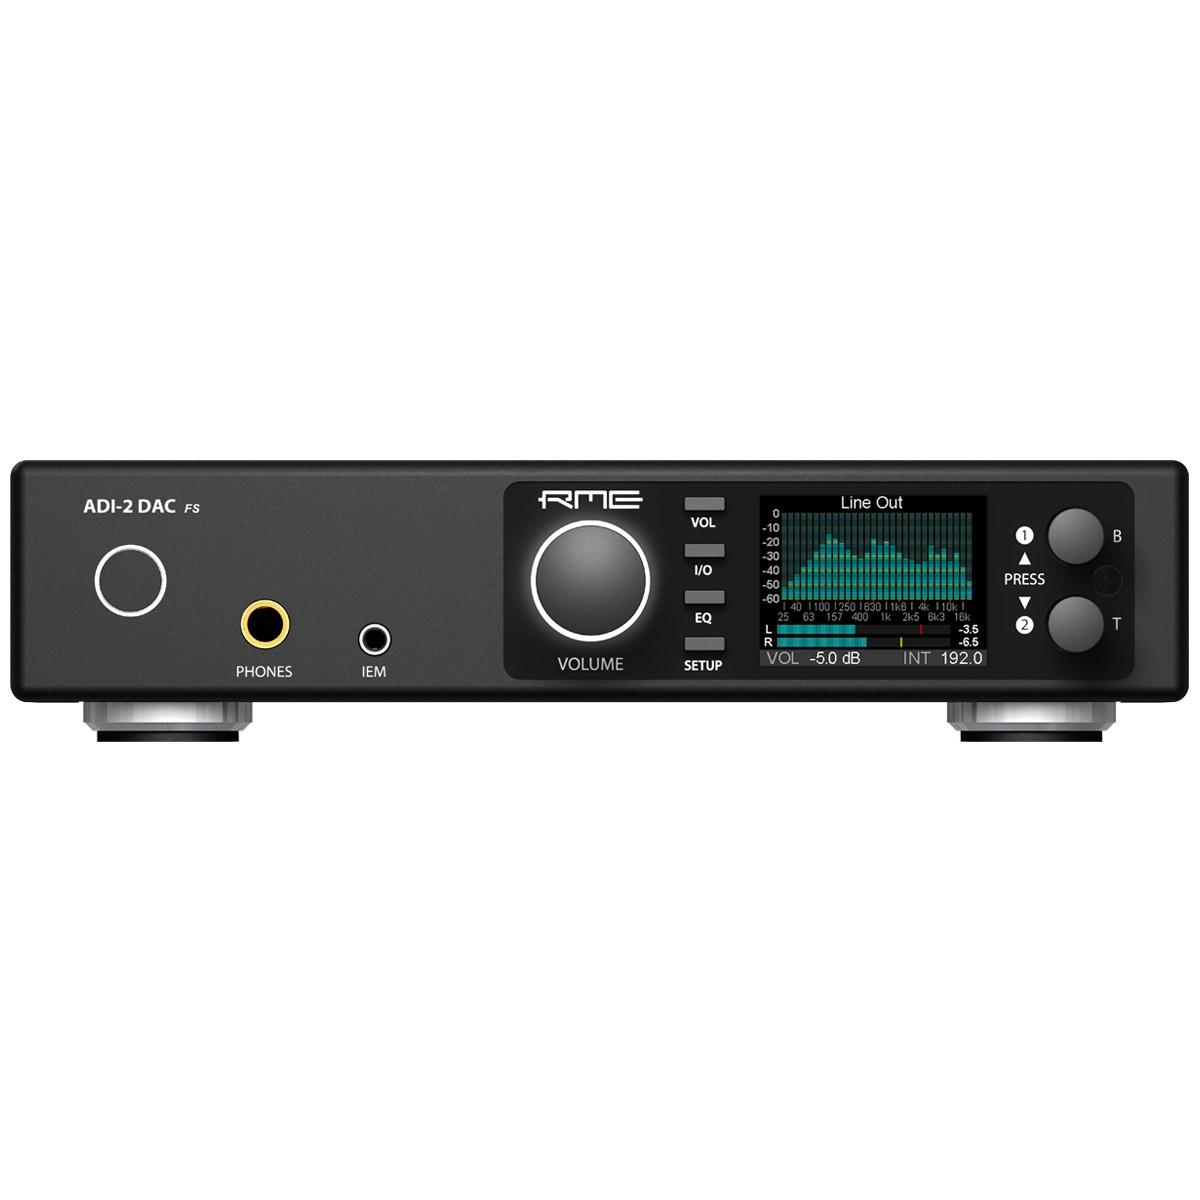 RME ADI-2 FS DAC Symétrique Amplificateur Casque AK4493 32bit 768kHz DSD256 Noir